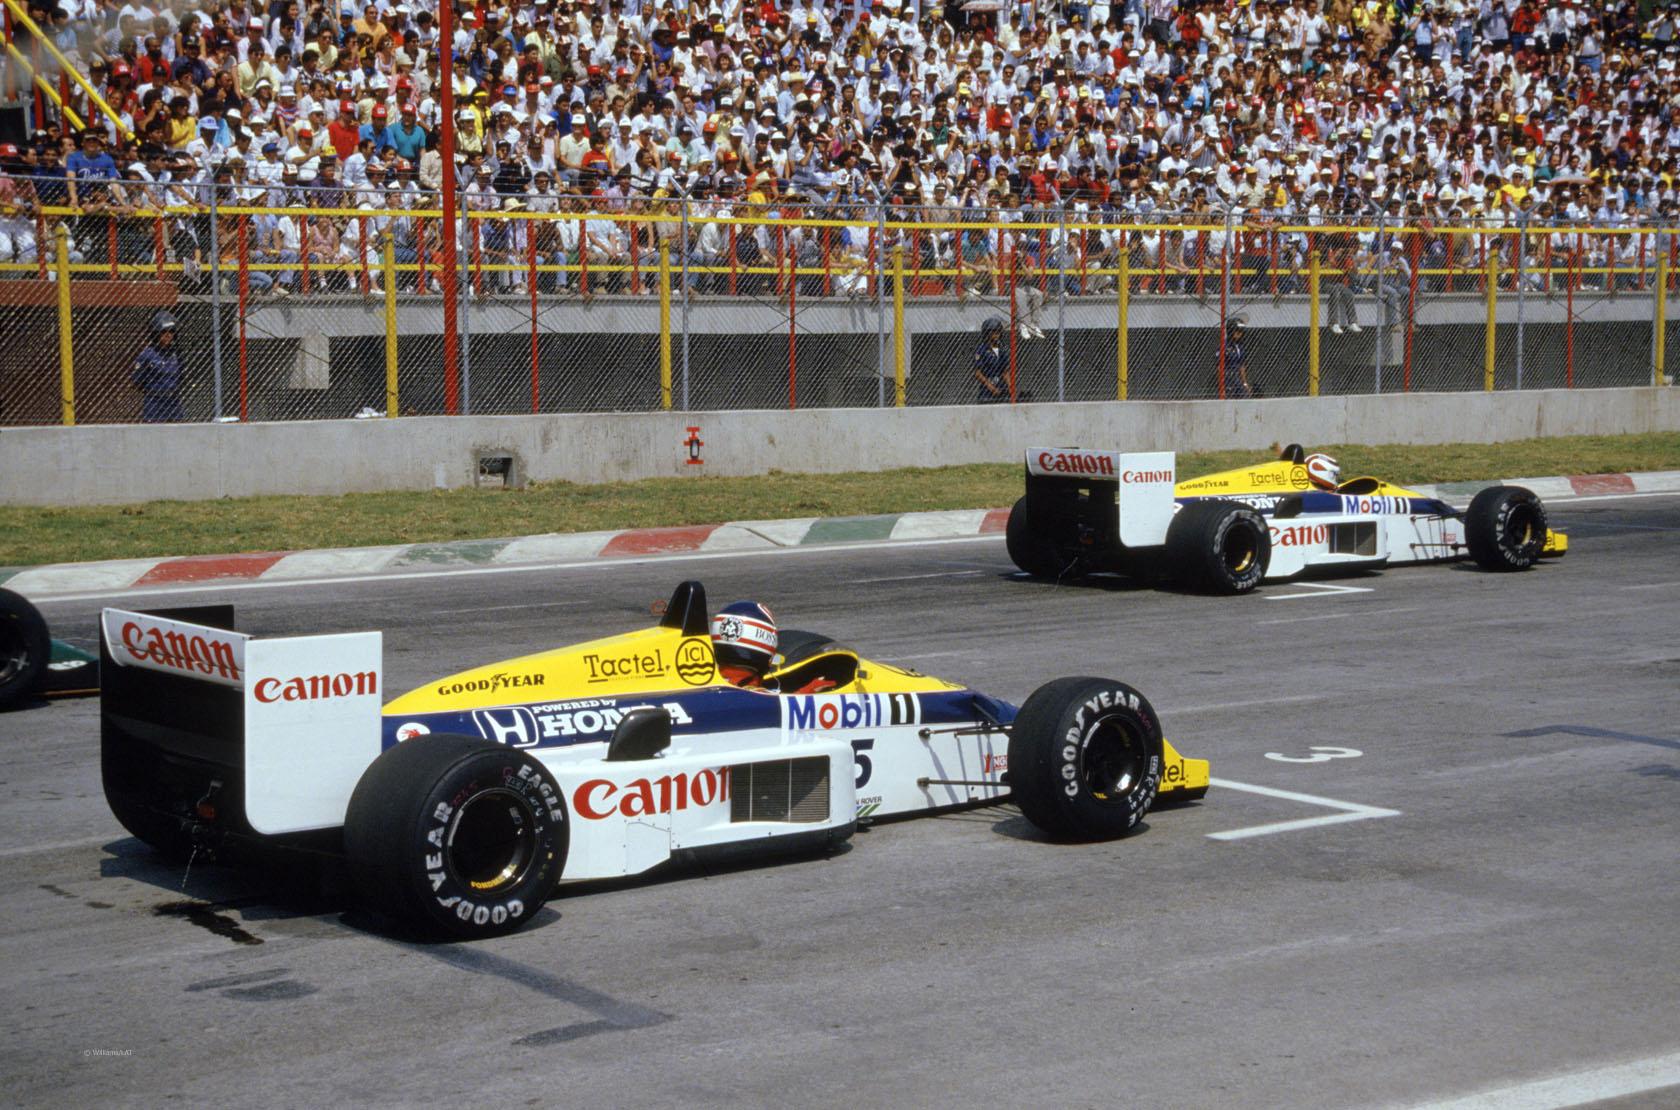 Nelson Piquet (2.mjesto) i Nigel Mansell (3.mjesto) u Williams Renaultovim bolidima uoči starta VN Meksika 1986. (12.10.1986.) Foto: Williams